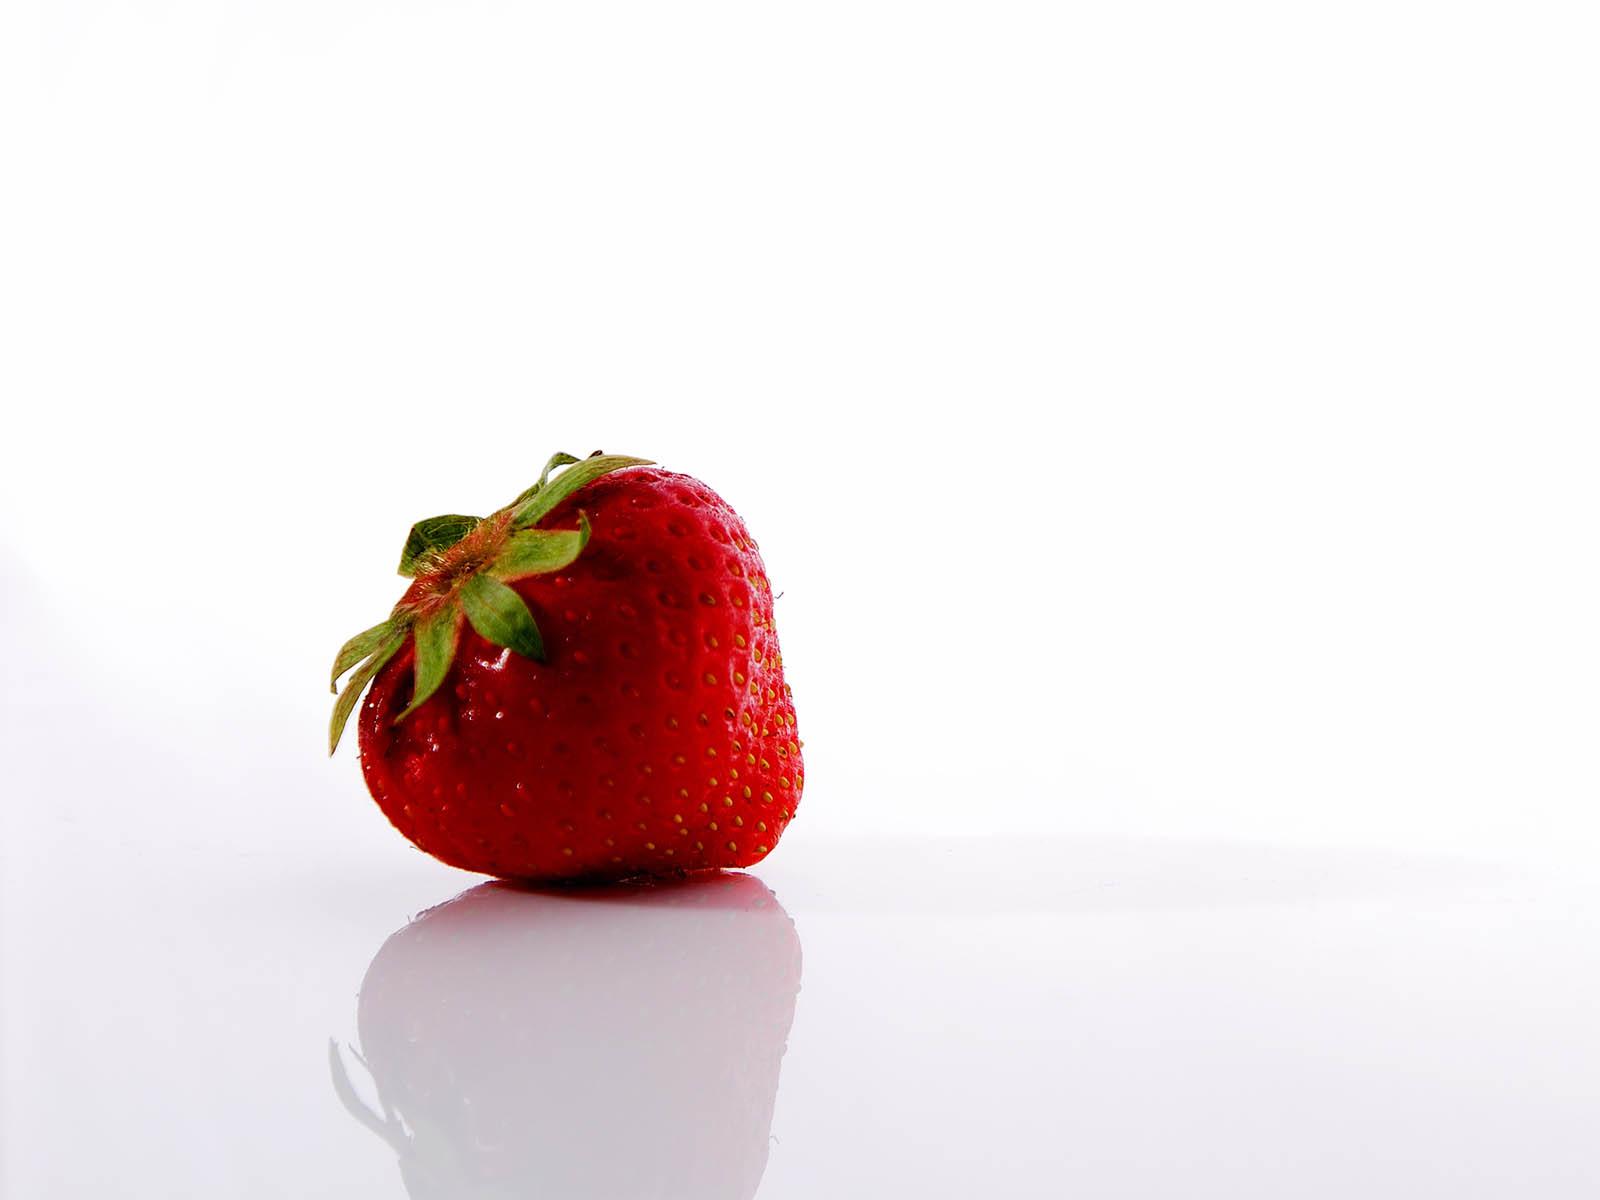 image 3d fruit desktop - photo #47